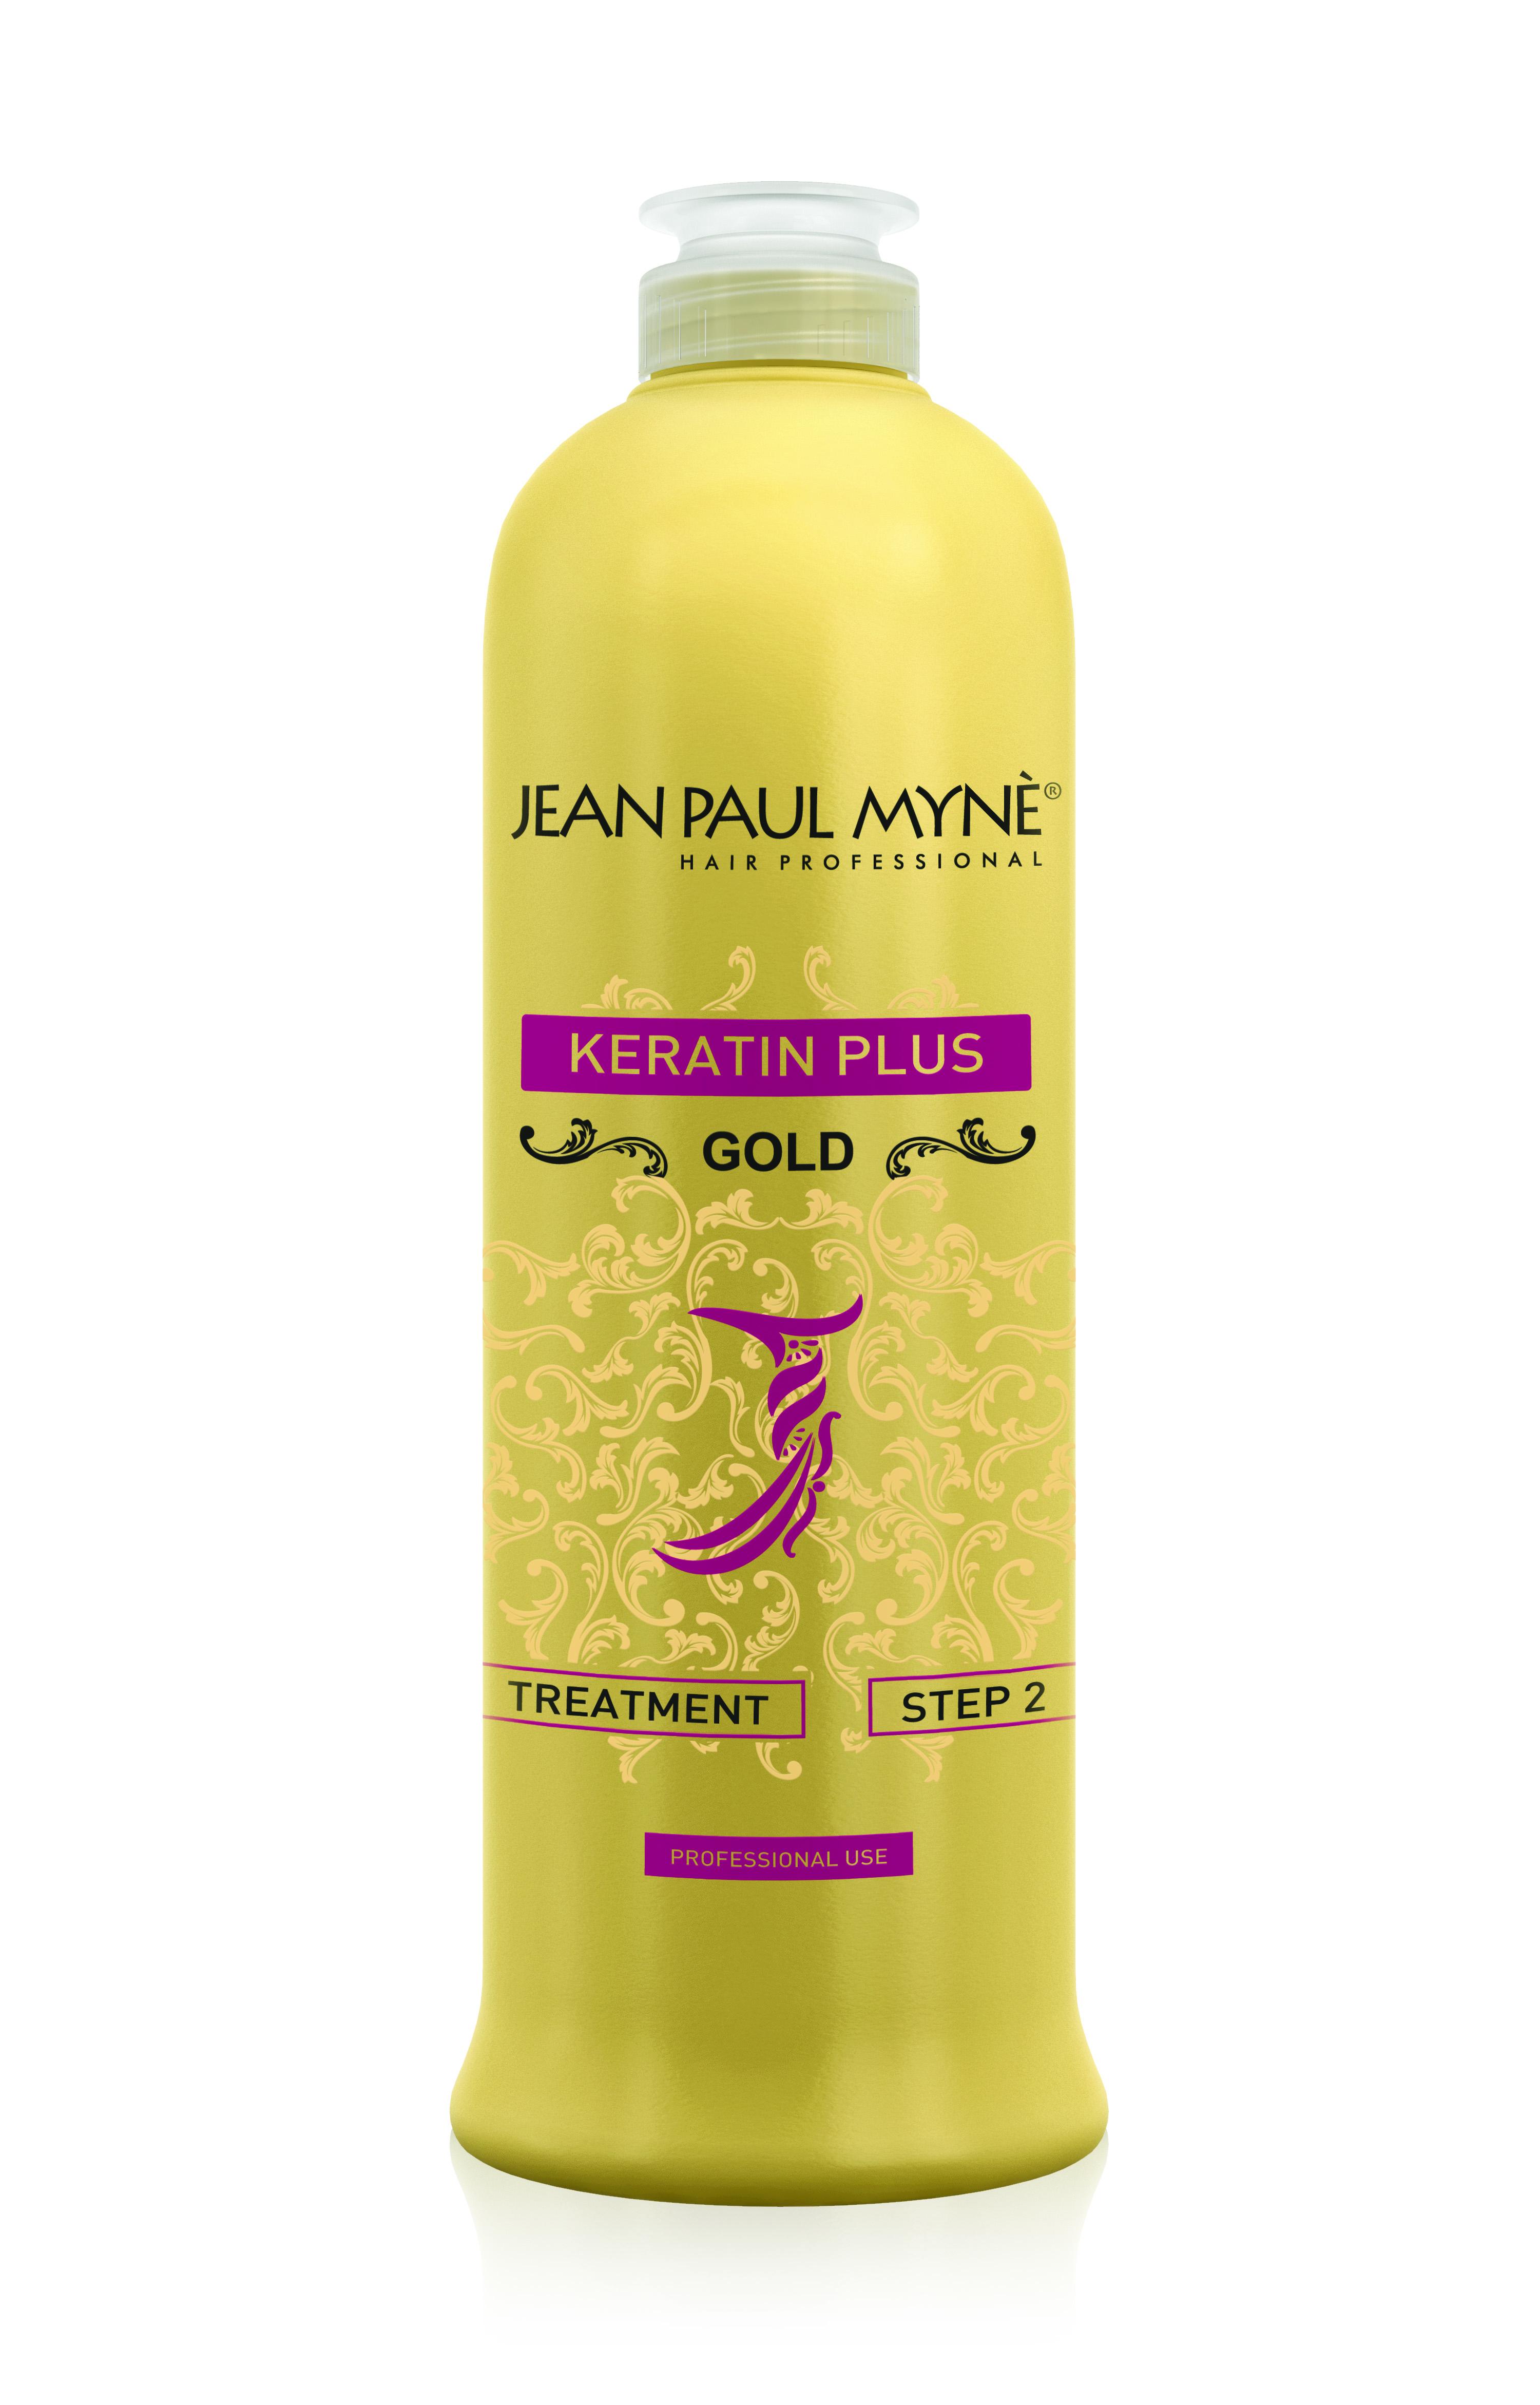 De ideale behandeling voor jouw haar met Keratin Plus Gold